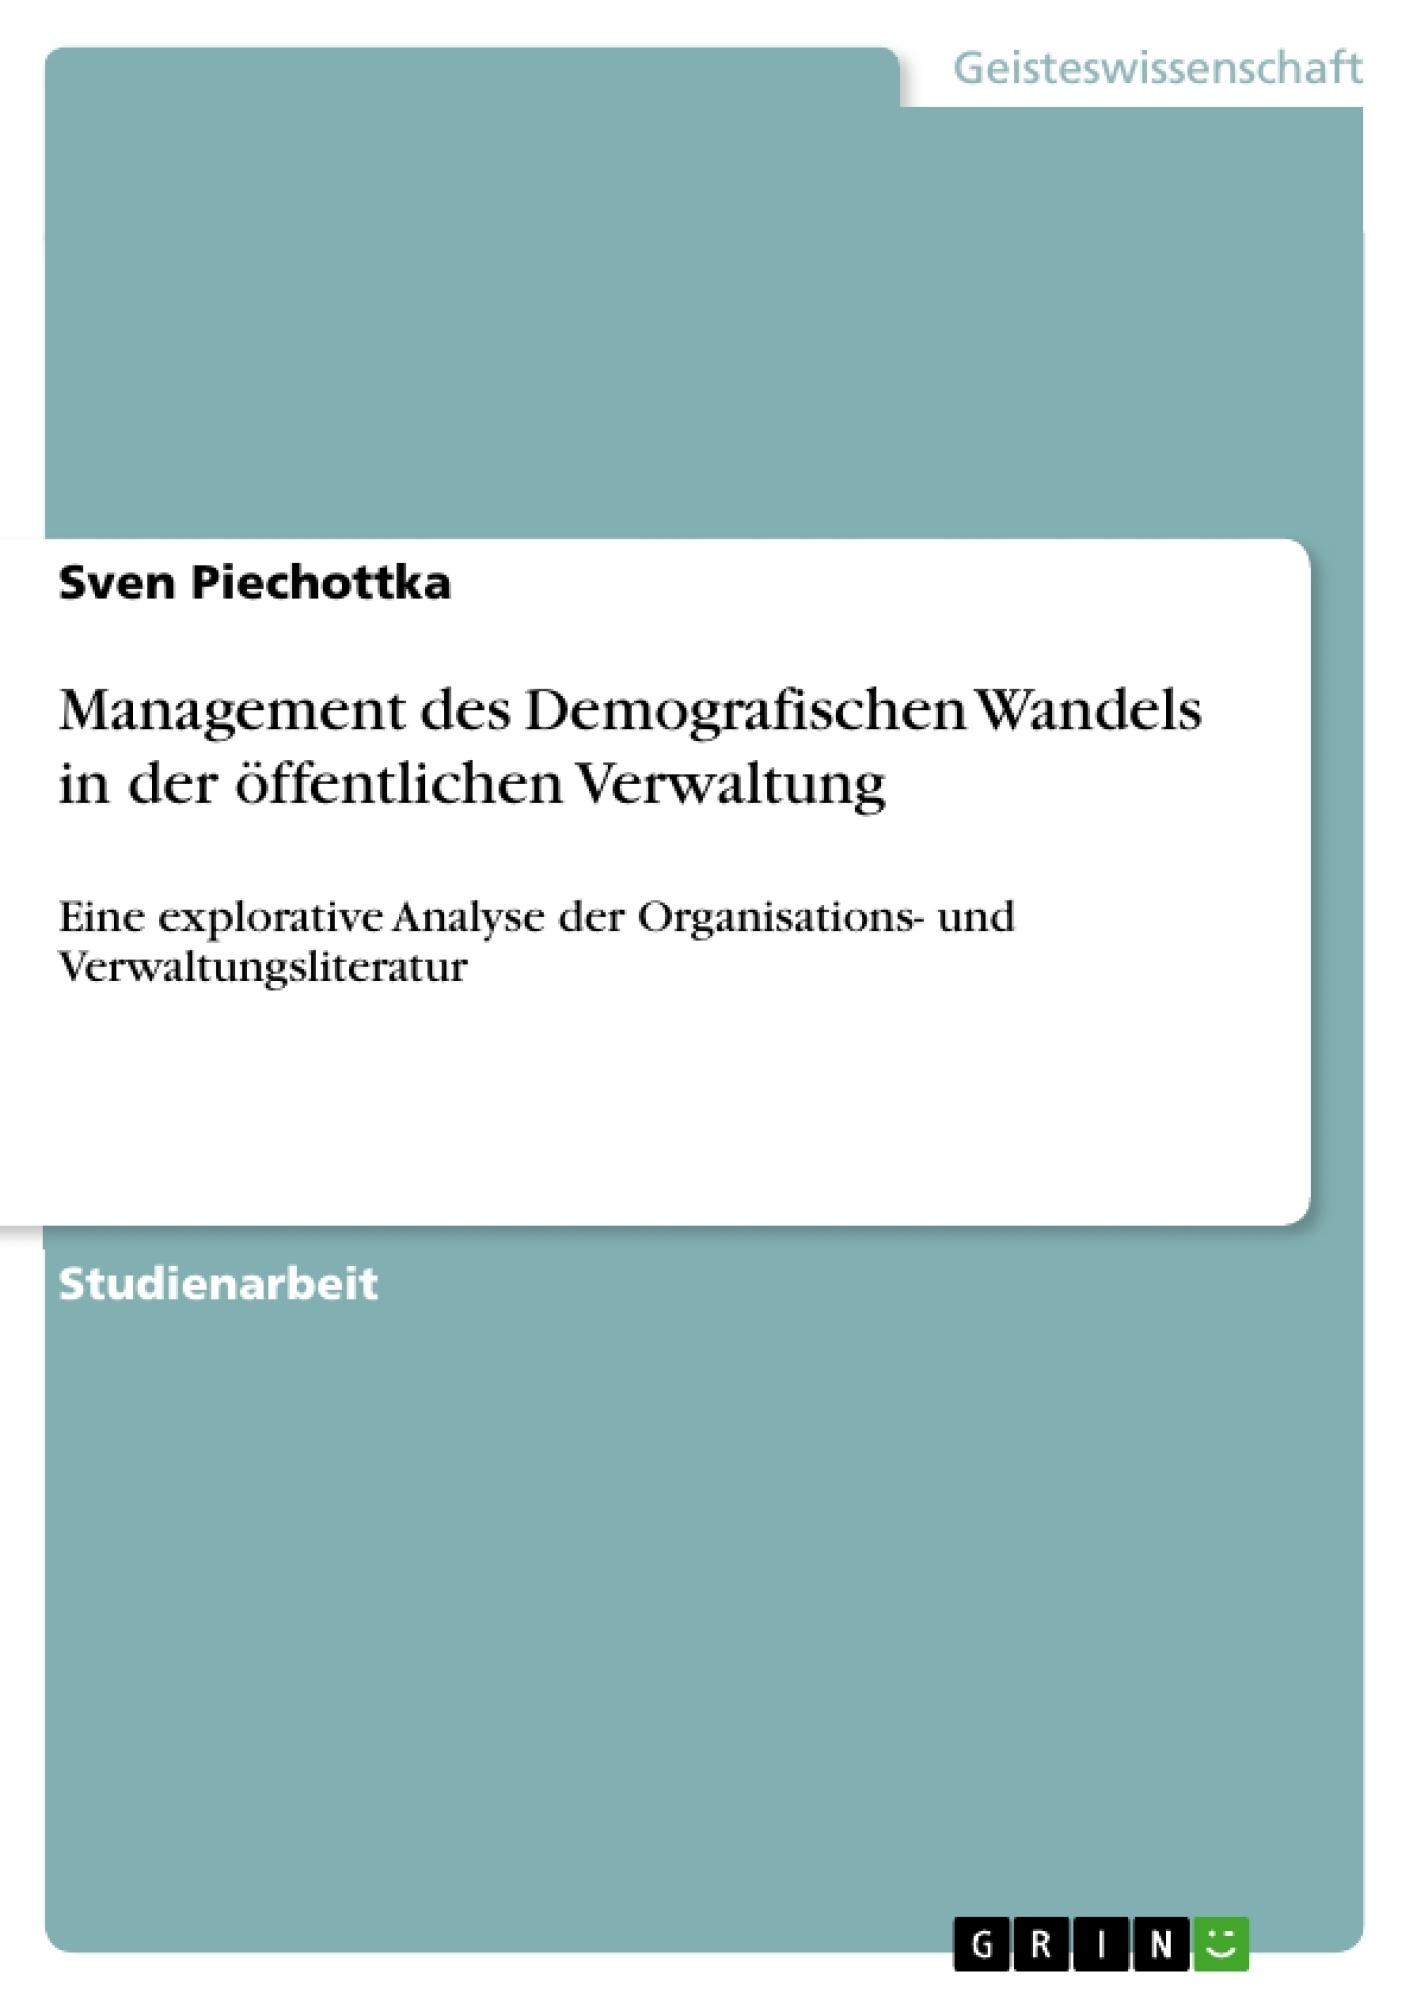 Titel: Management des Demografischen Wandels in der öffentlichen Verwaltung